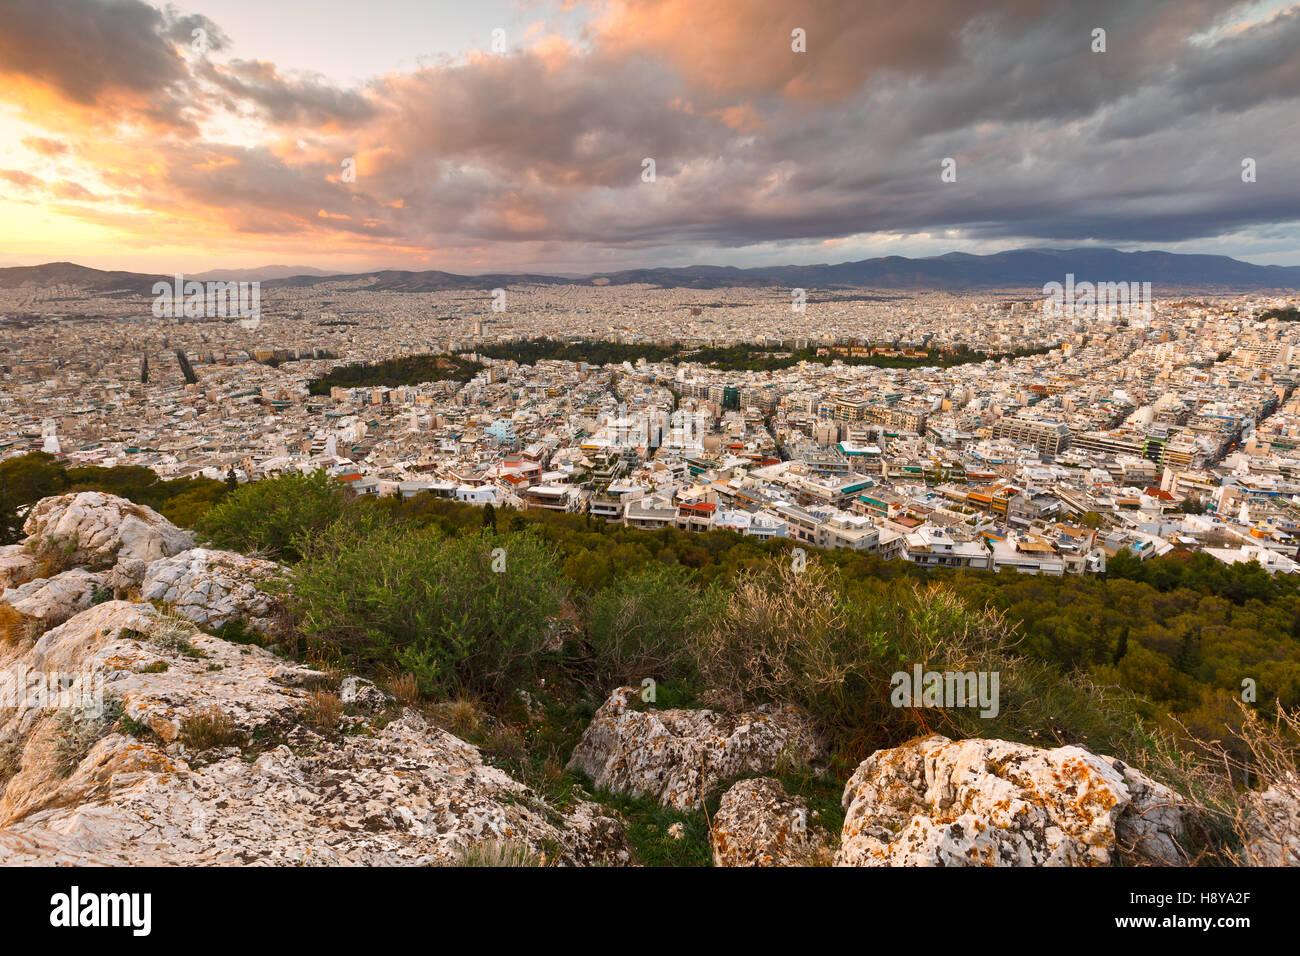 Vue d'Athènes depuis la colline du Lycabette, Grèce. Photo Stock